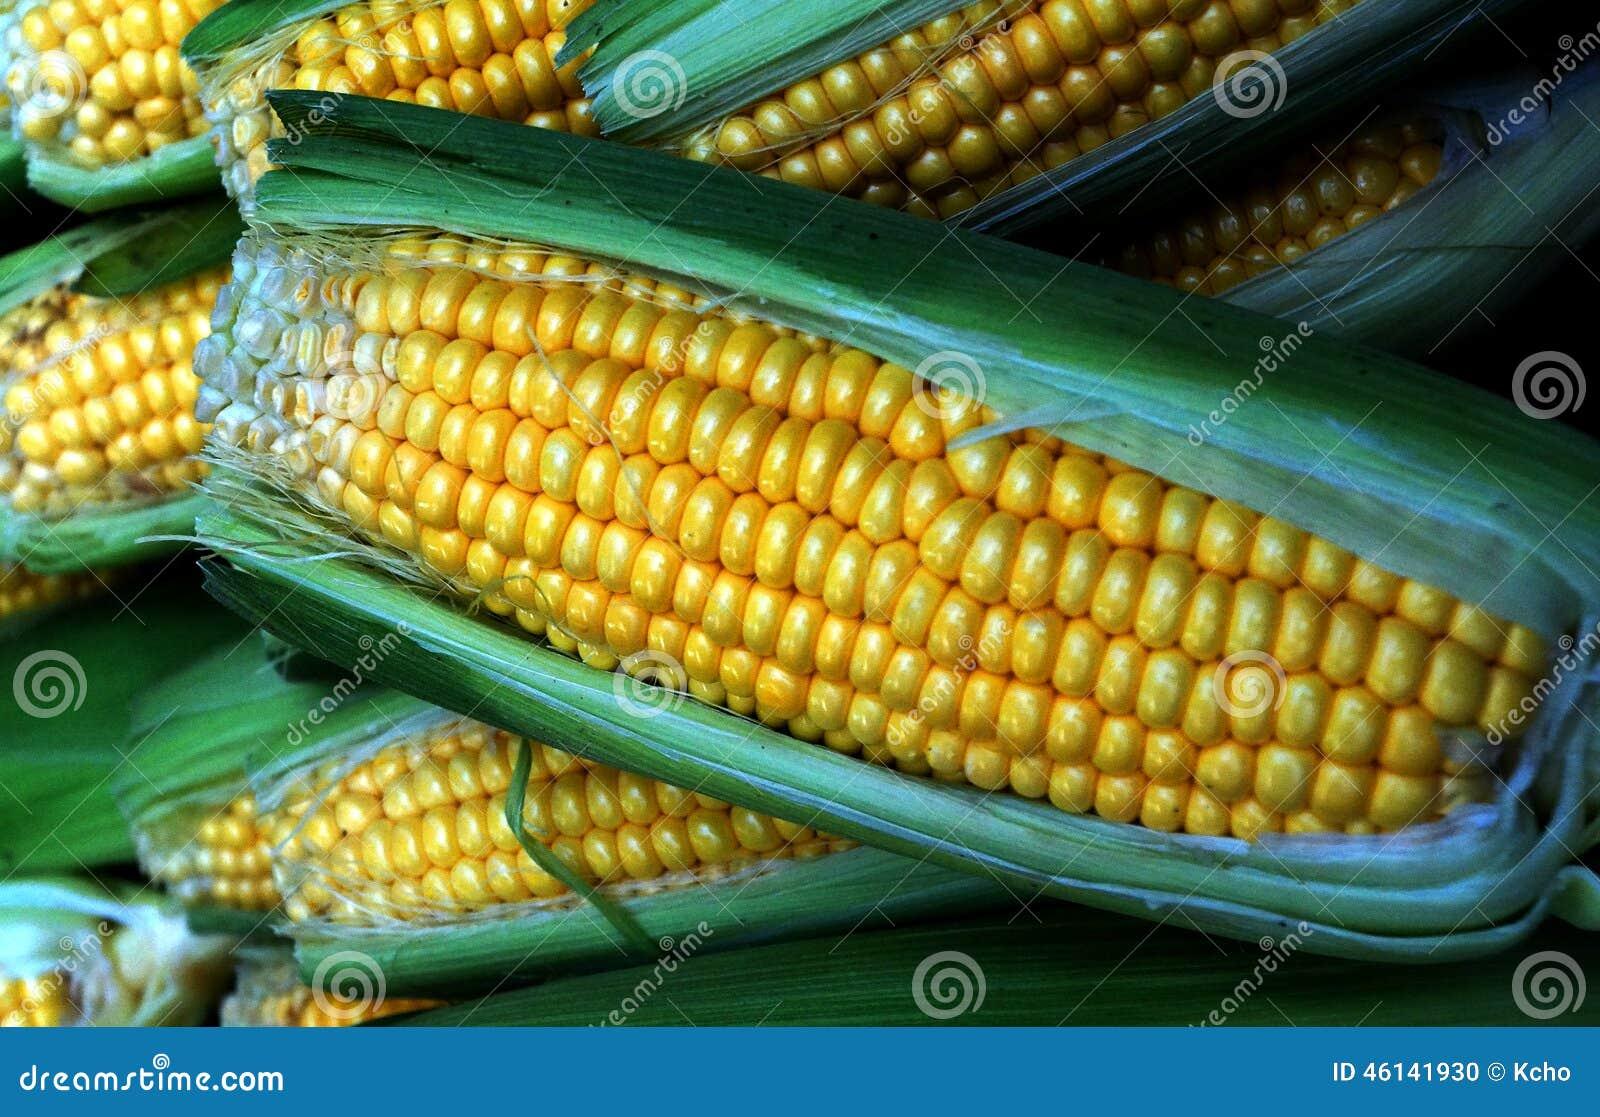 玉米穗图片